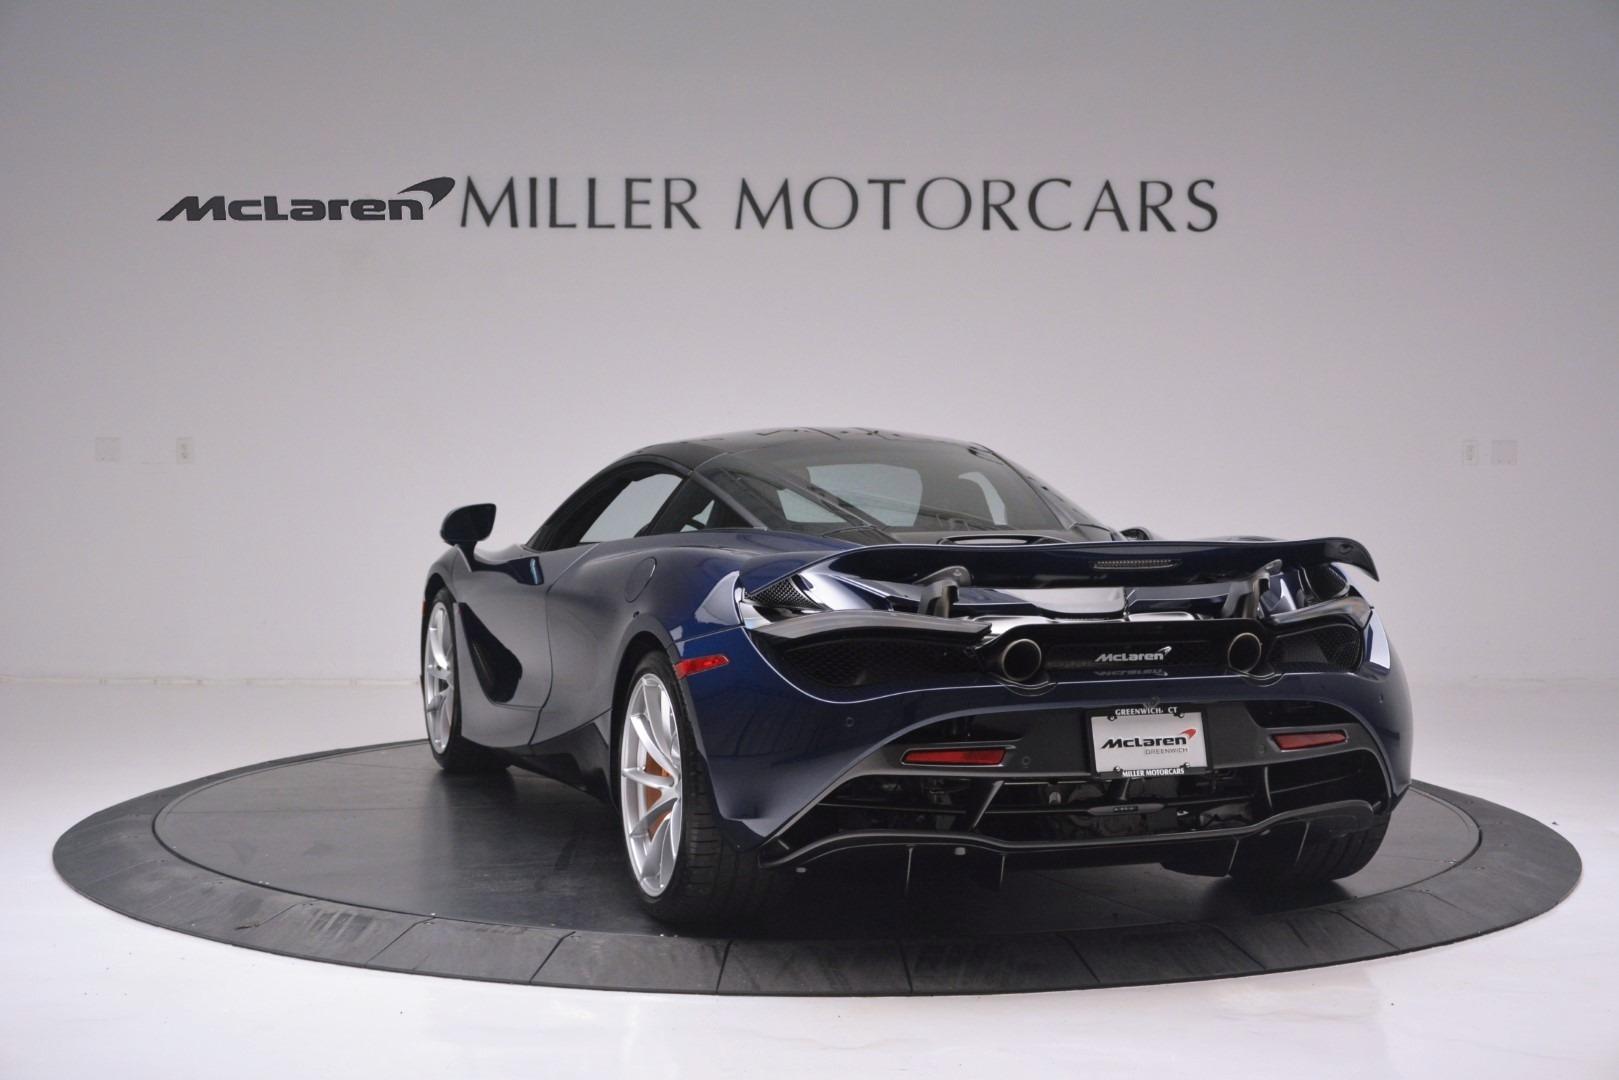 New 2019 McLaren 720S Coupe For Sale In Westport, CT 2730_p5